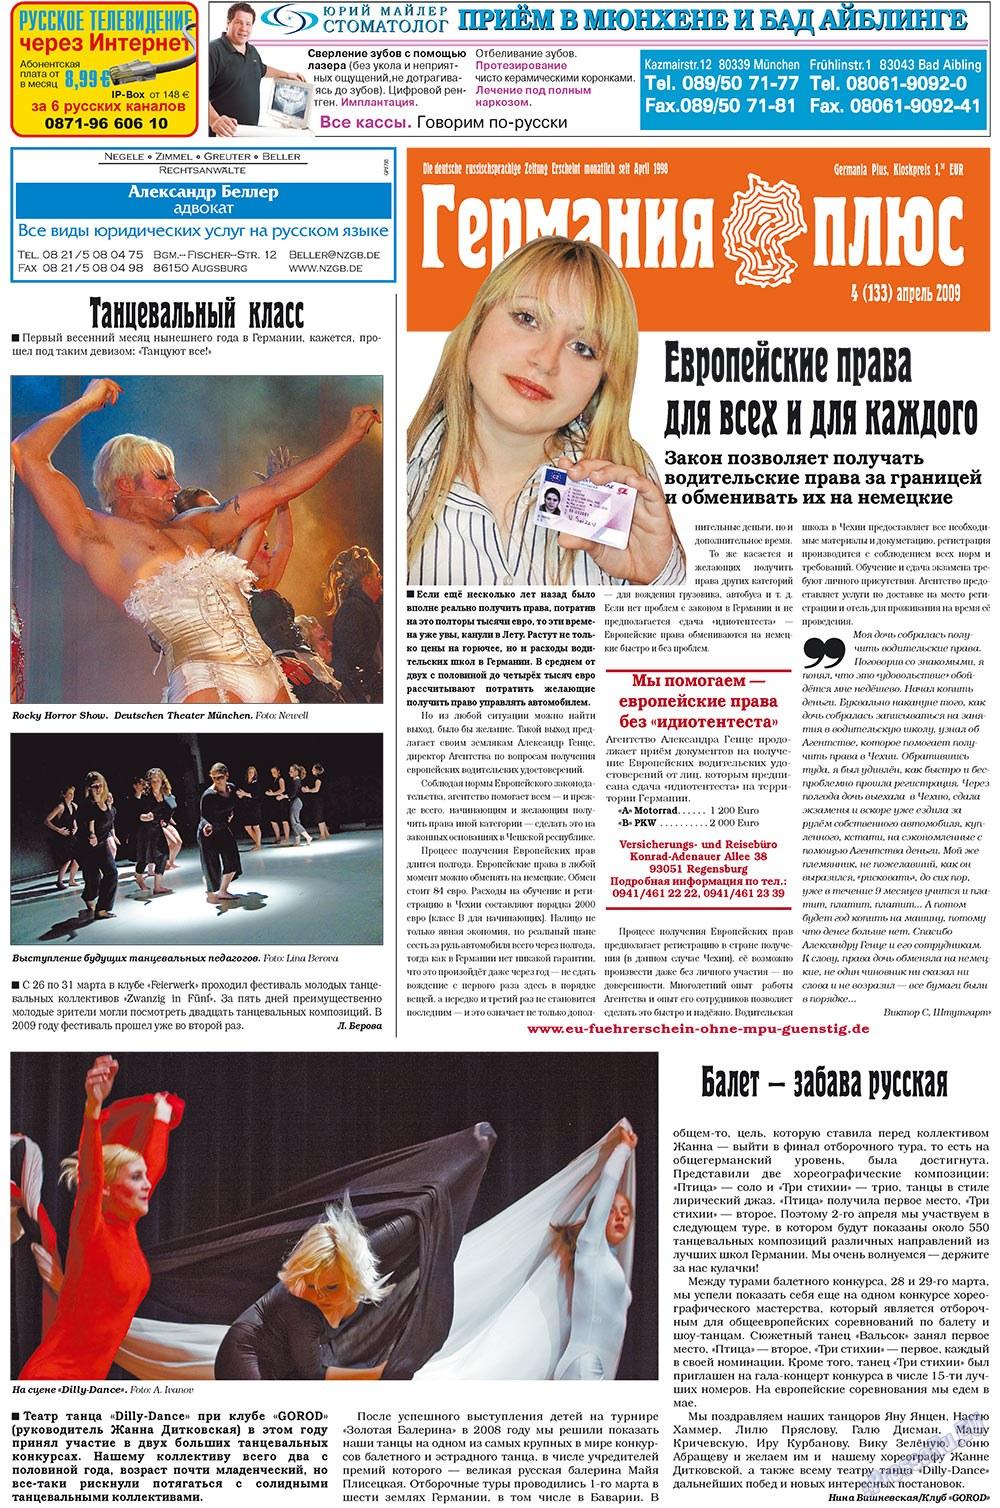 Германия плюс (газета). 2009 год, номер 4, стр. 1